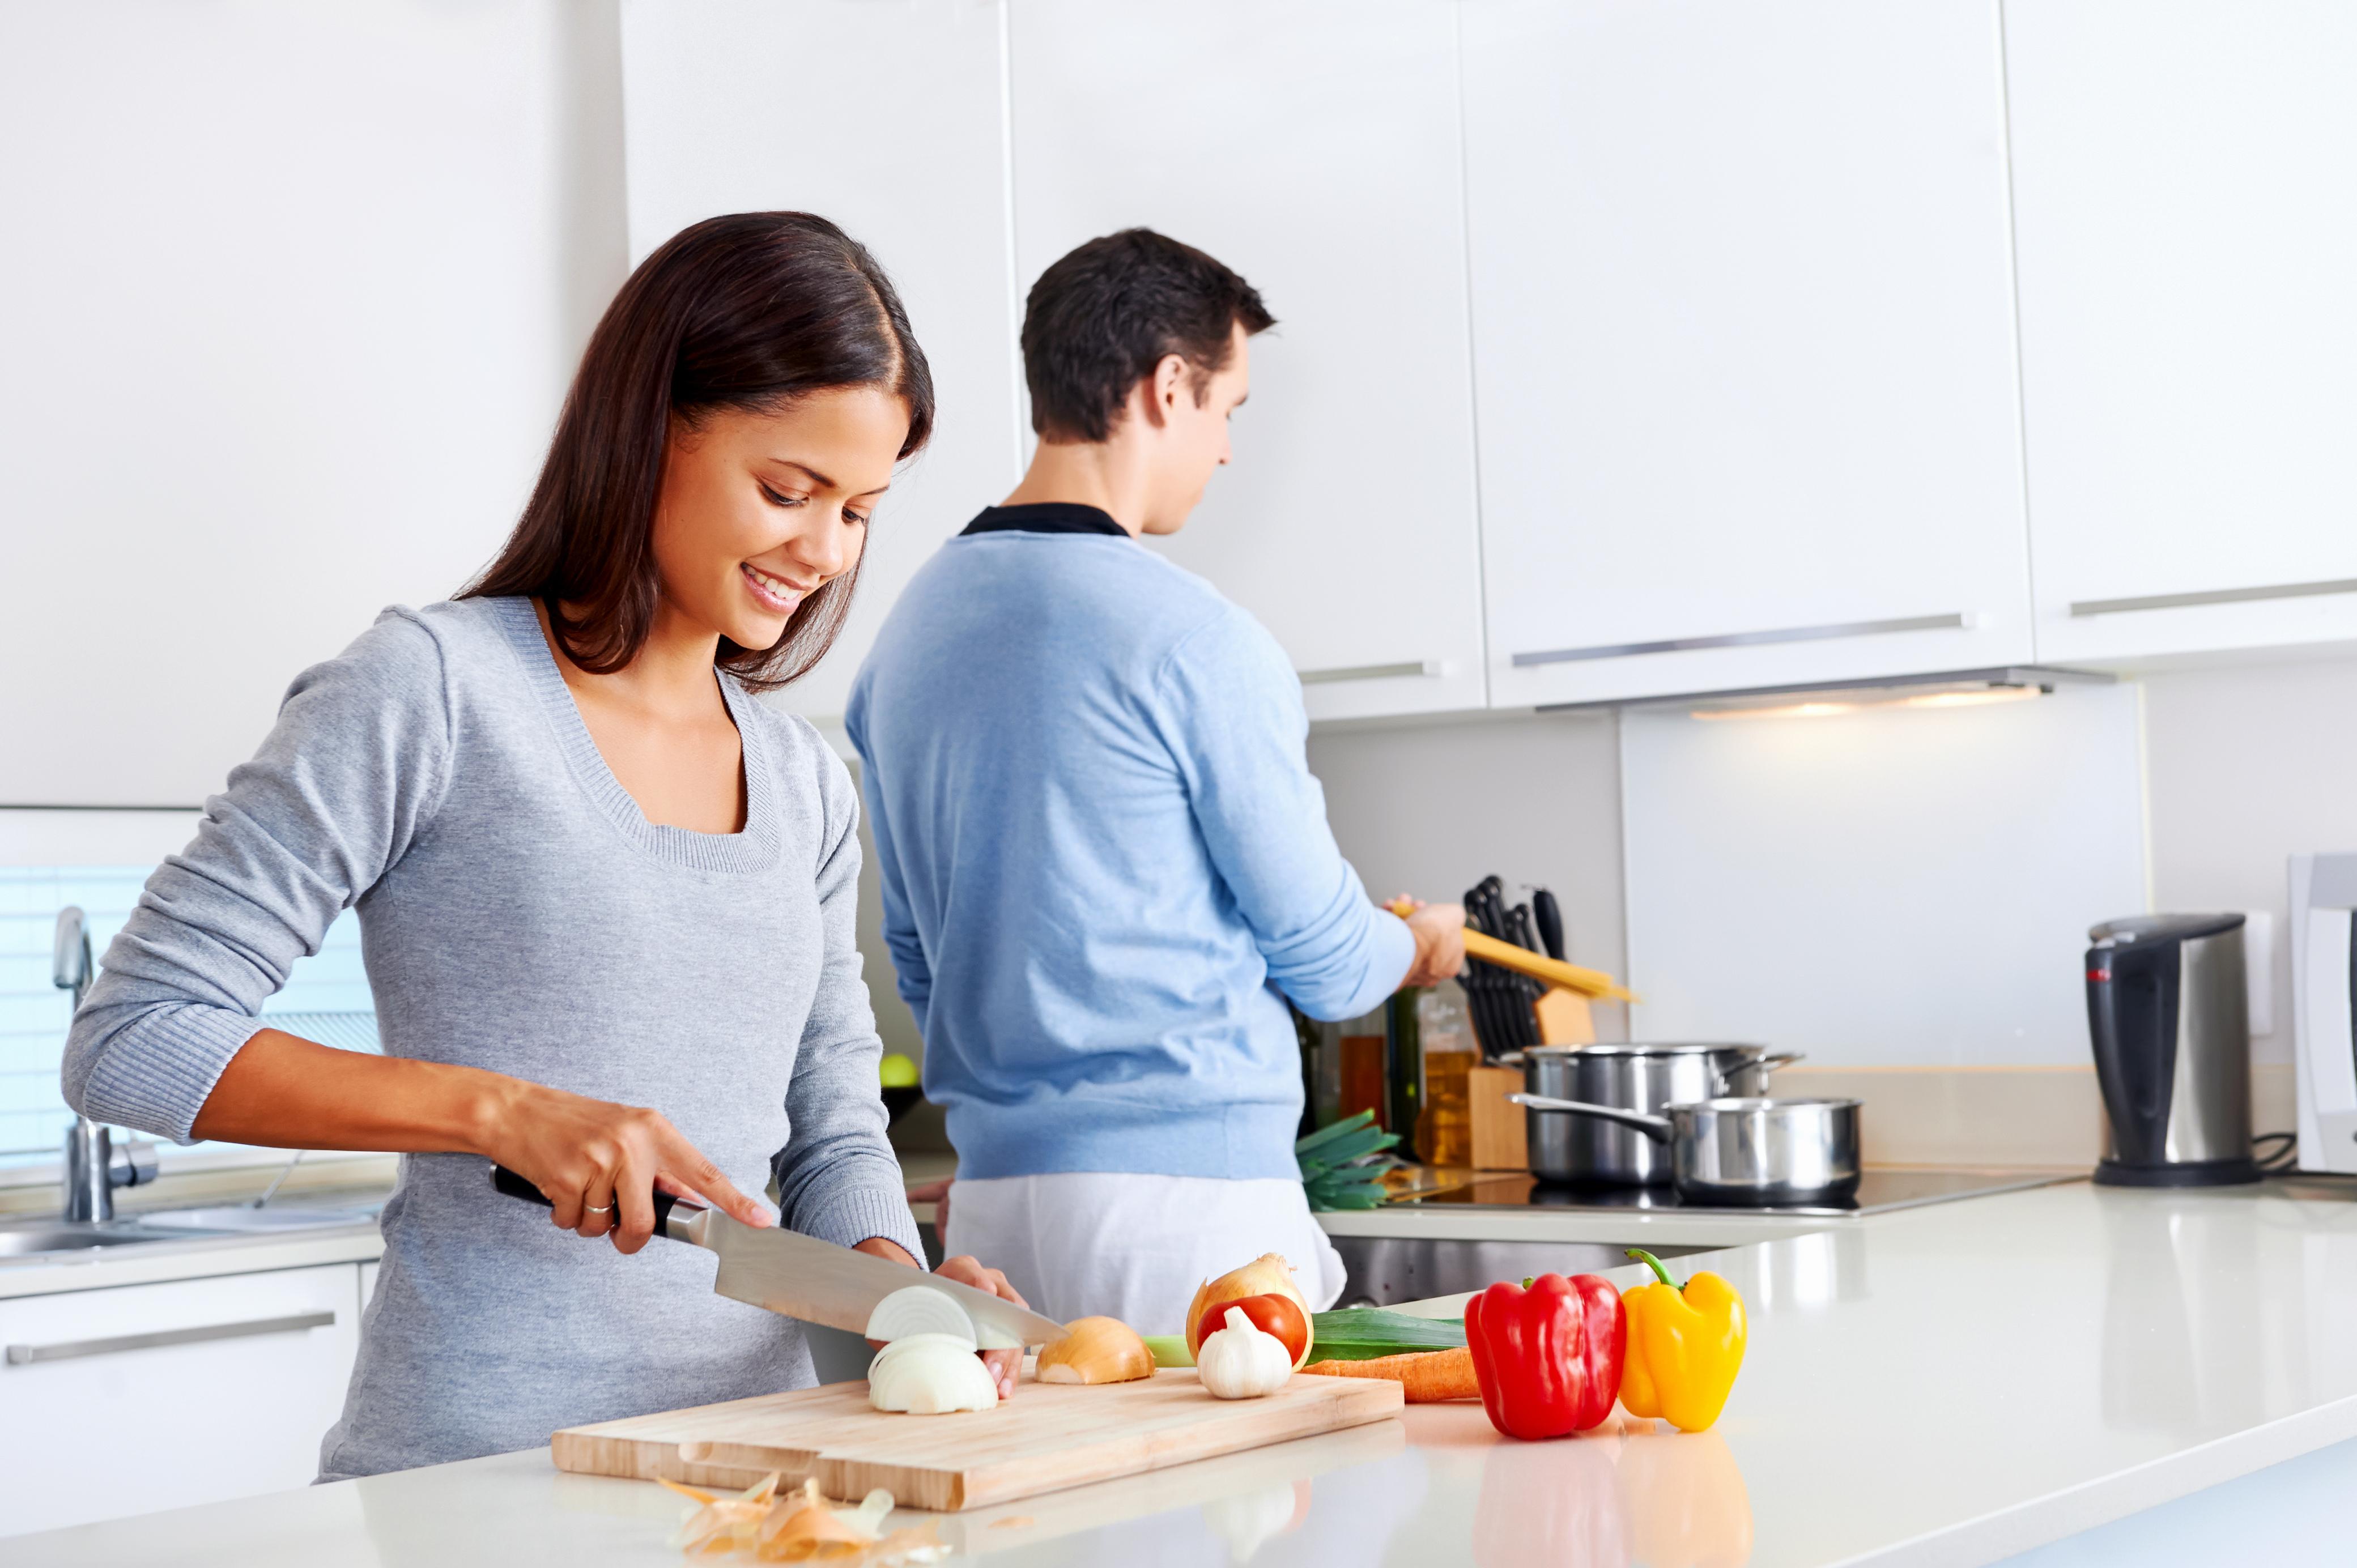 healthy food taste great